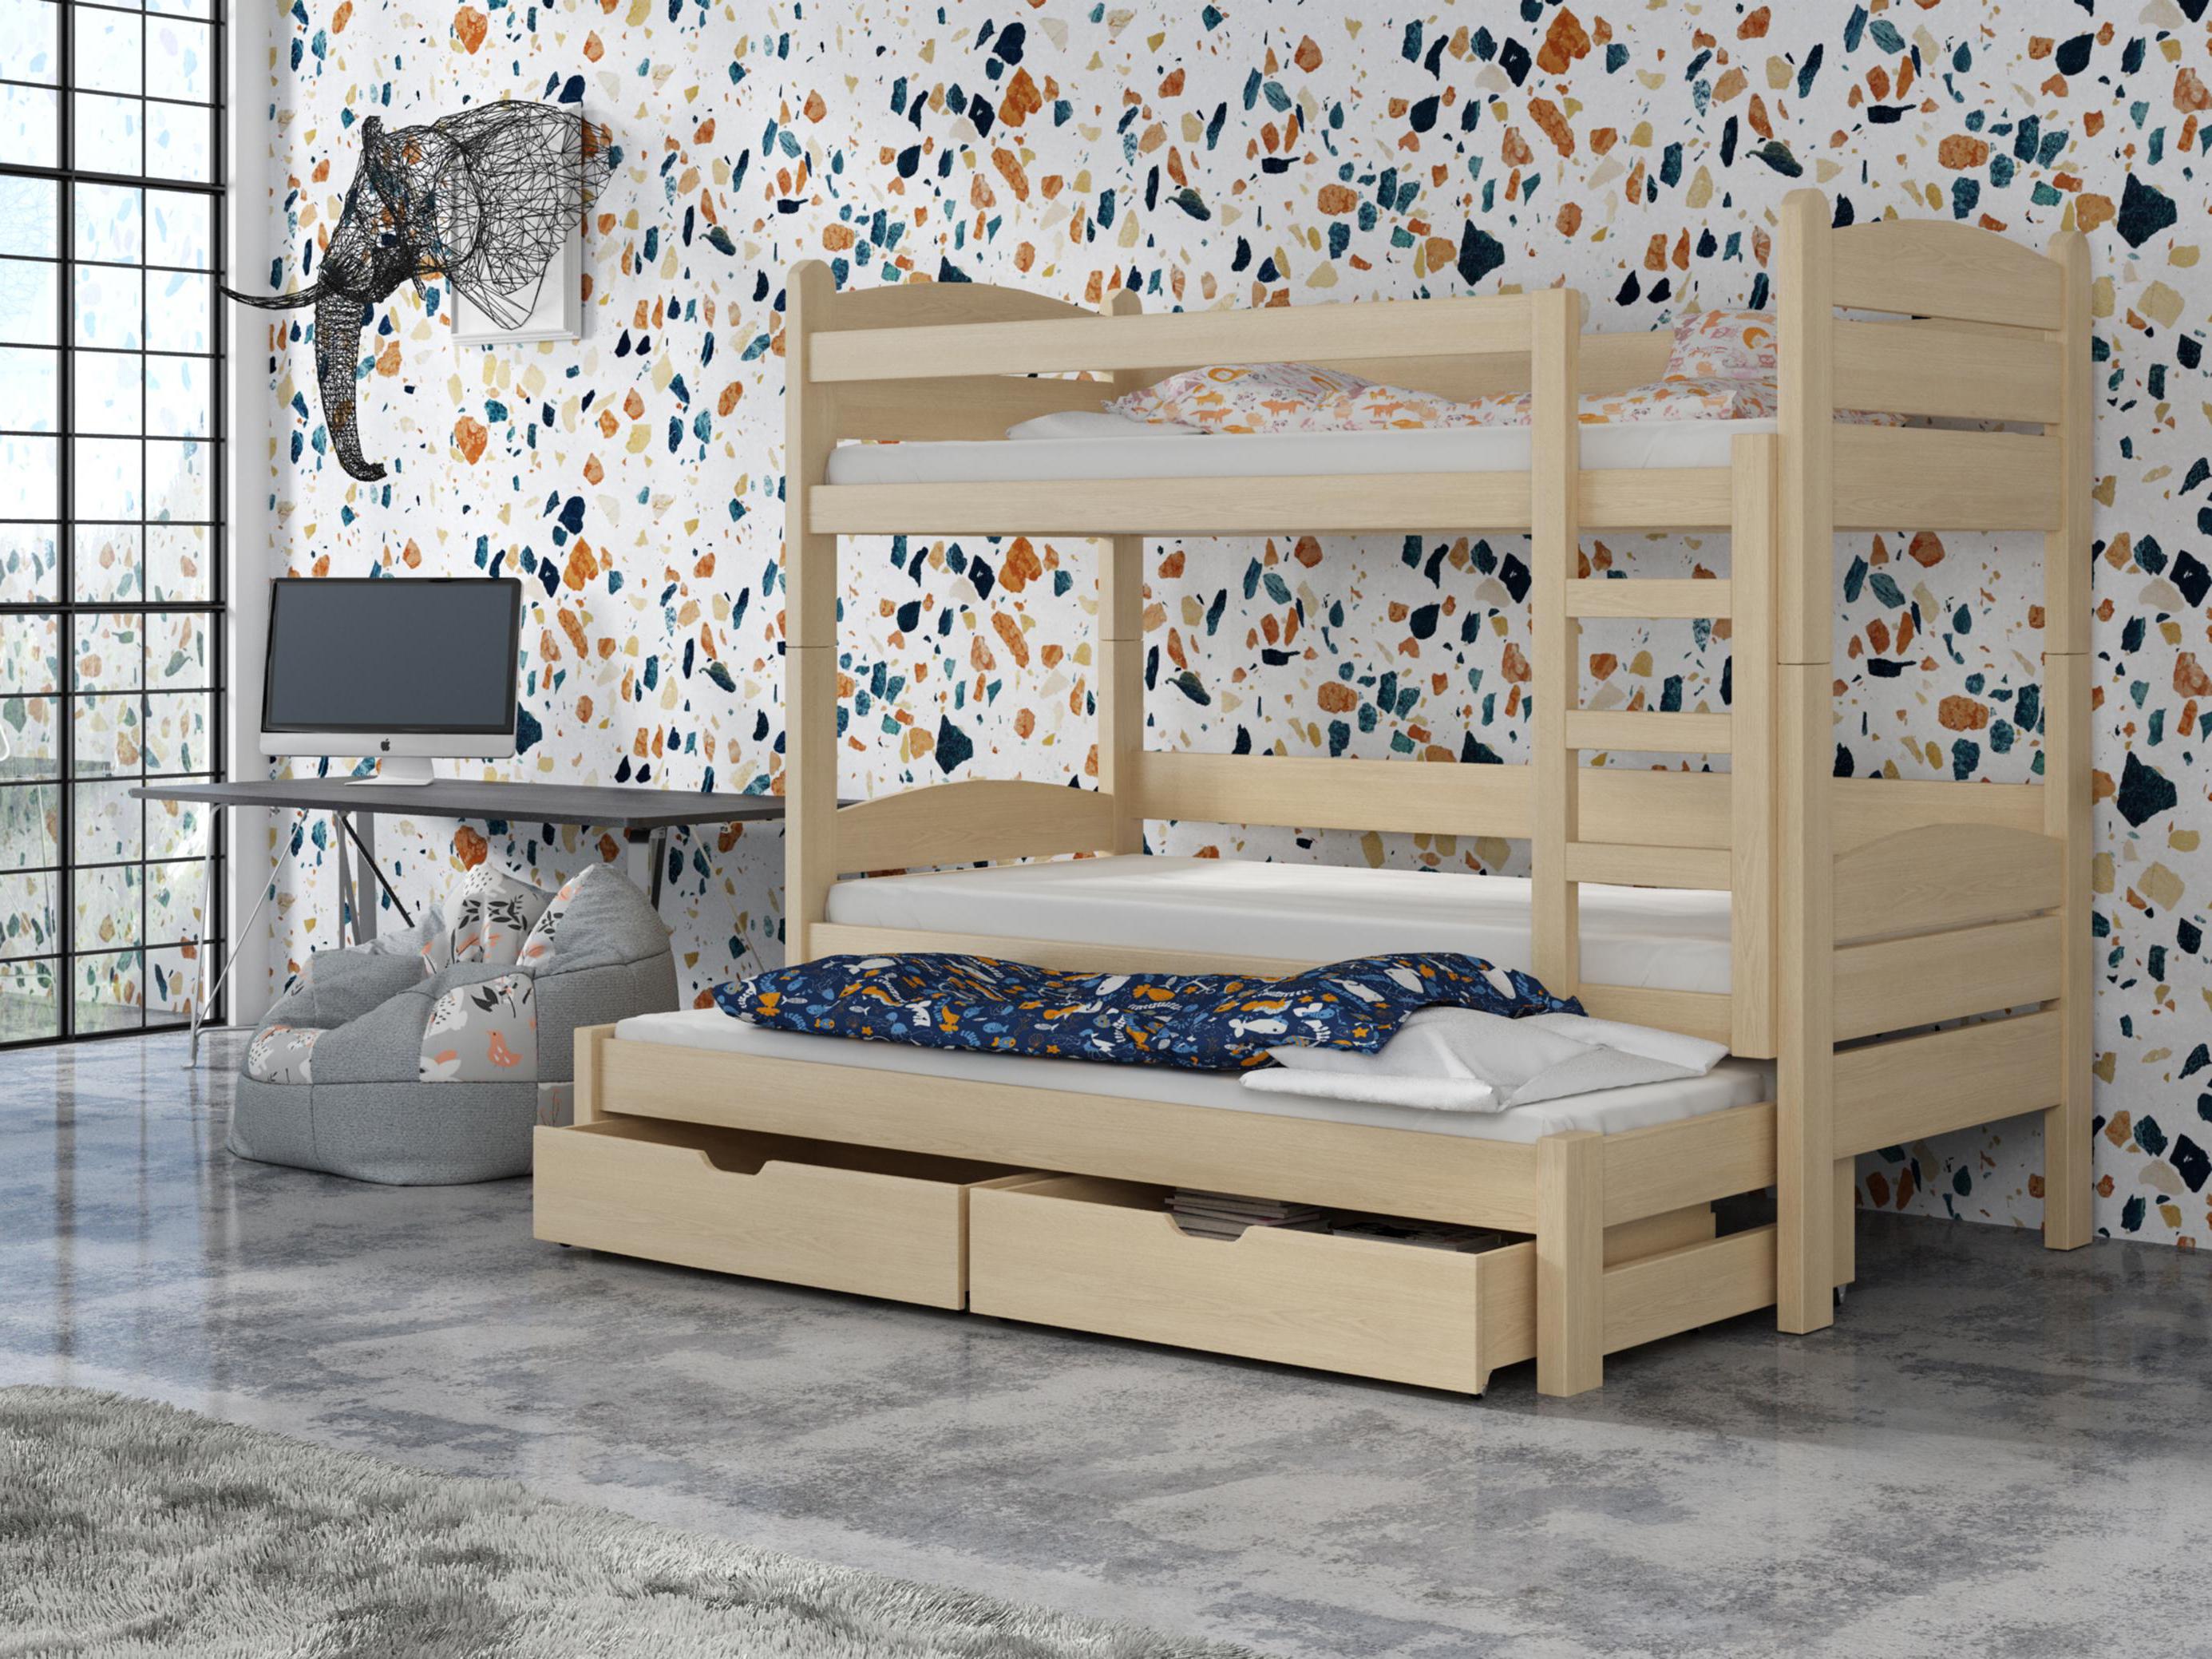 Dětská patrová postel 90 cm - Celsa (borovice)